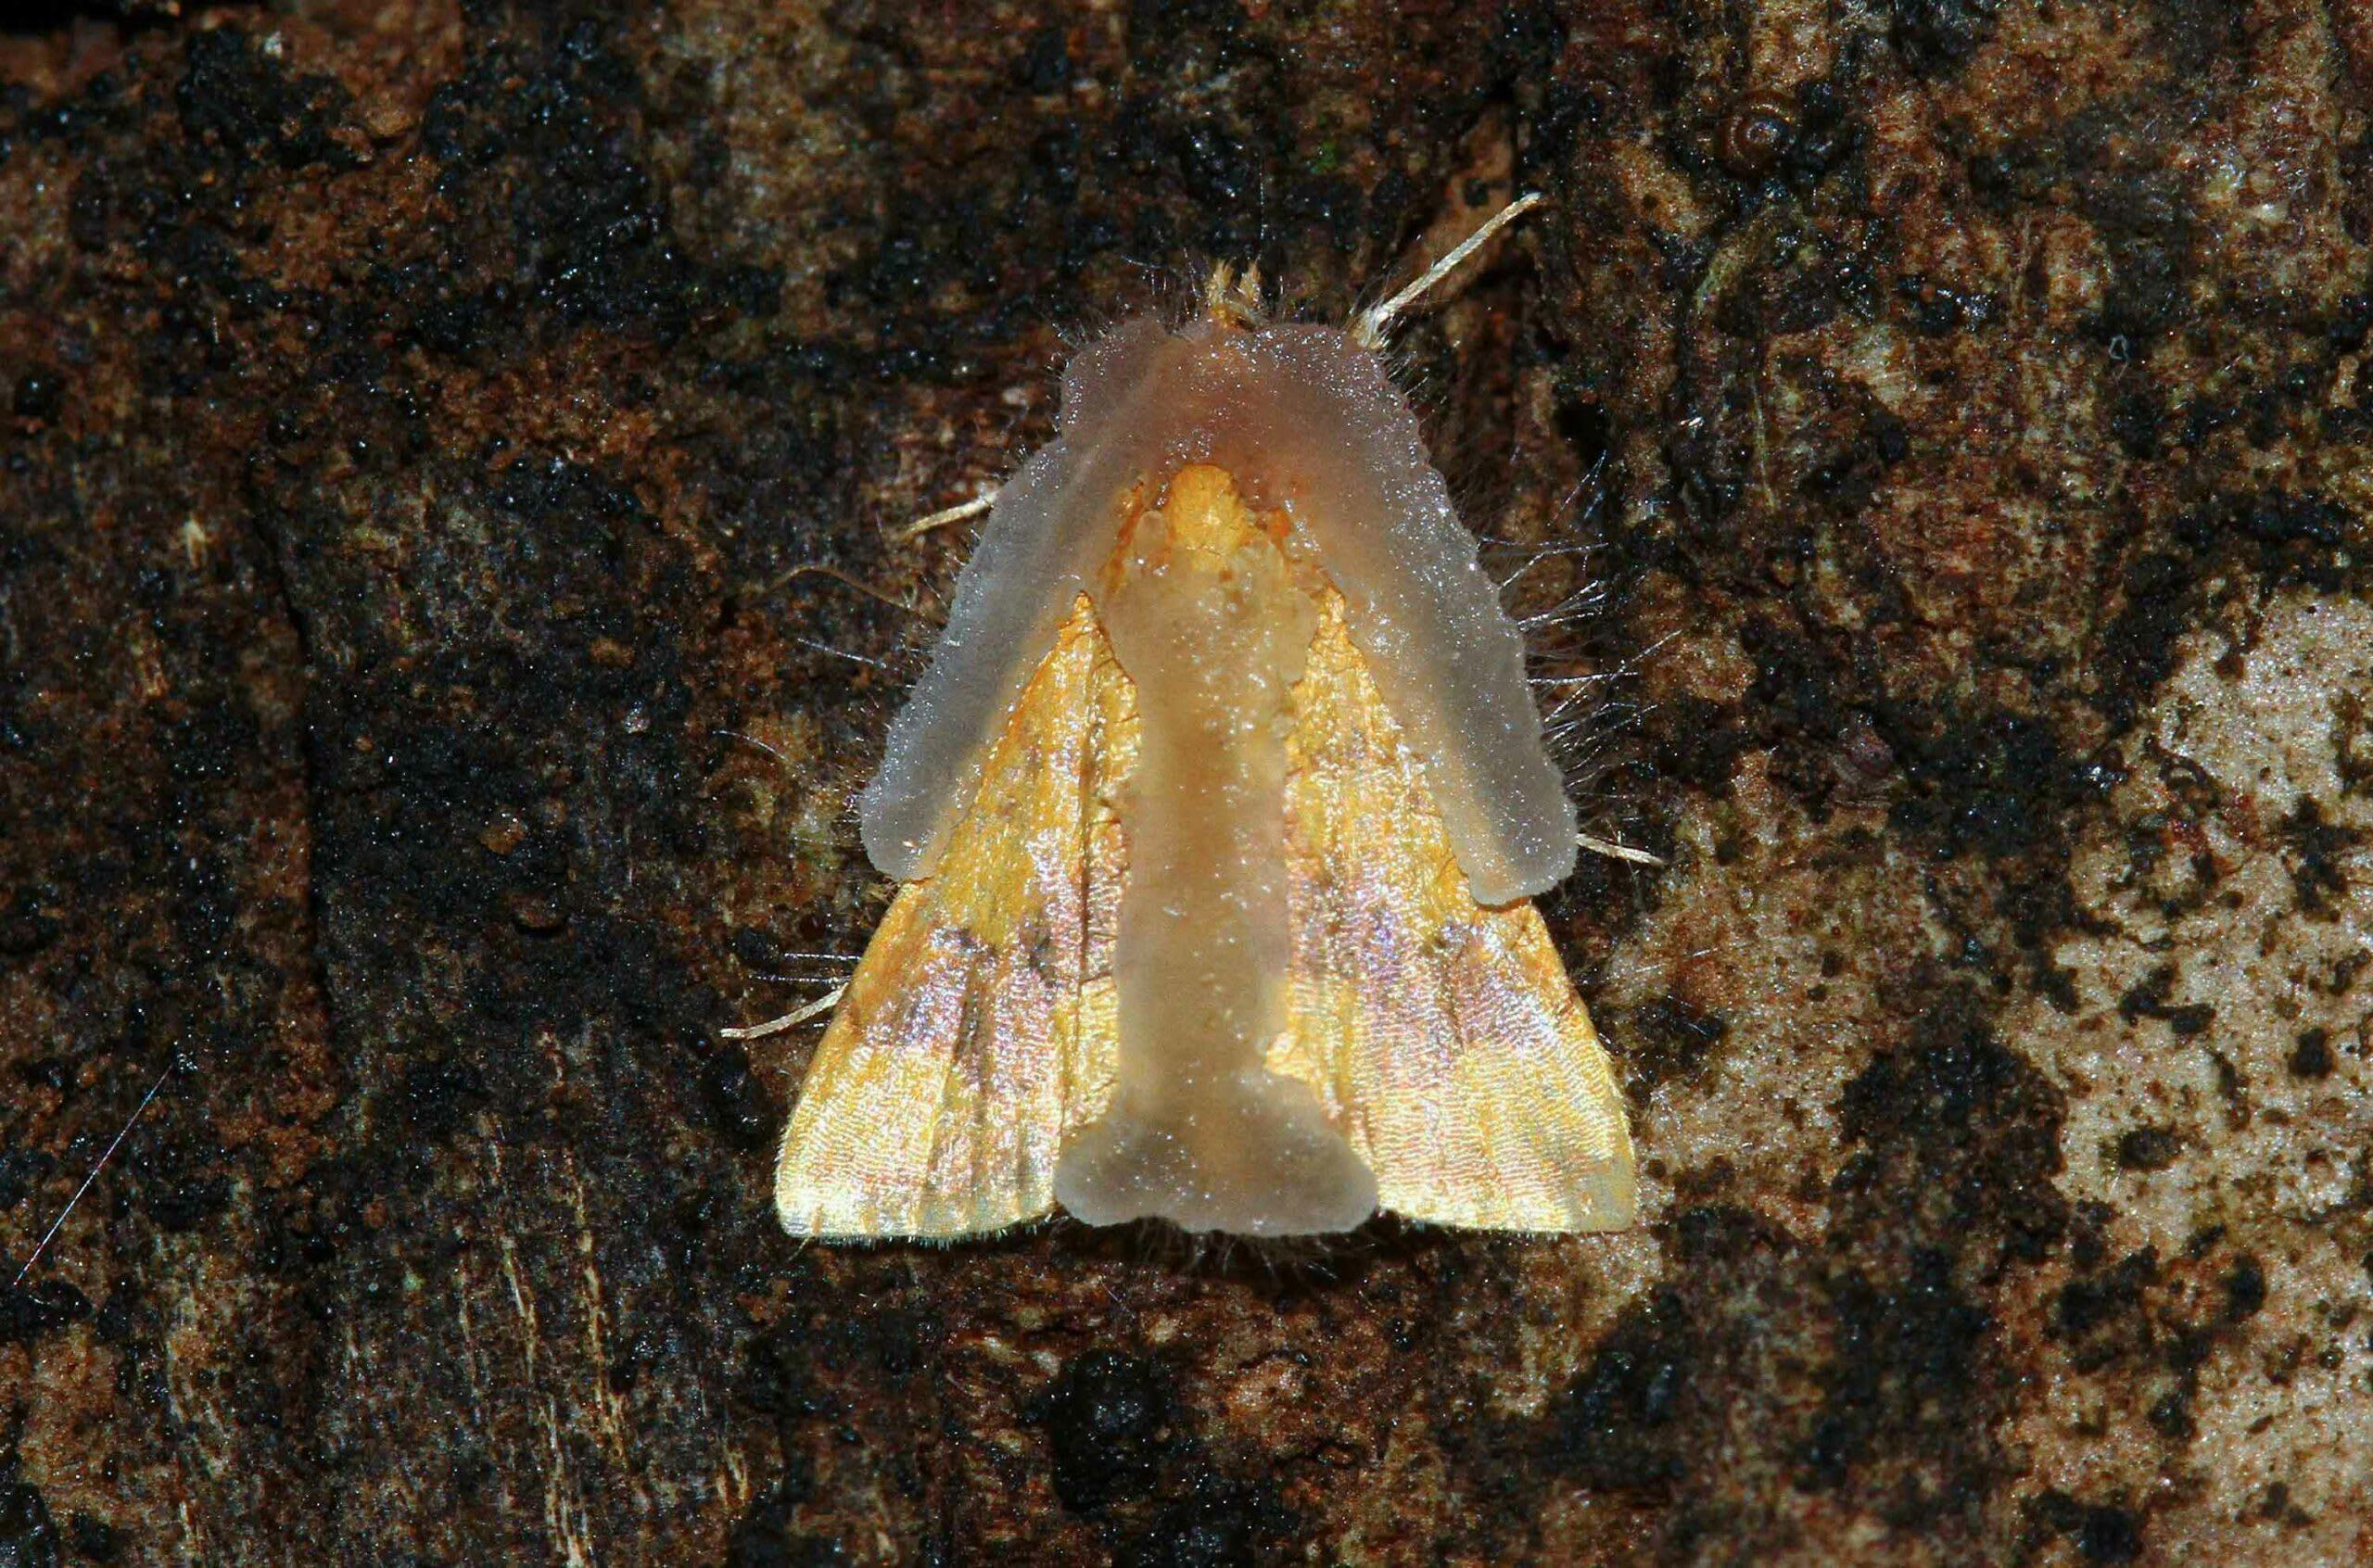 perilla-leaf-moth-a-gelatinous-fungus